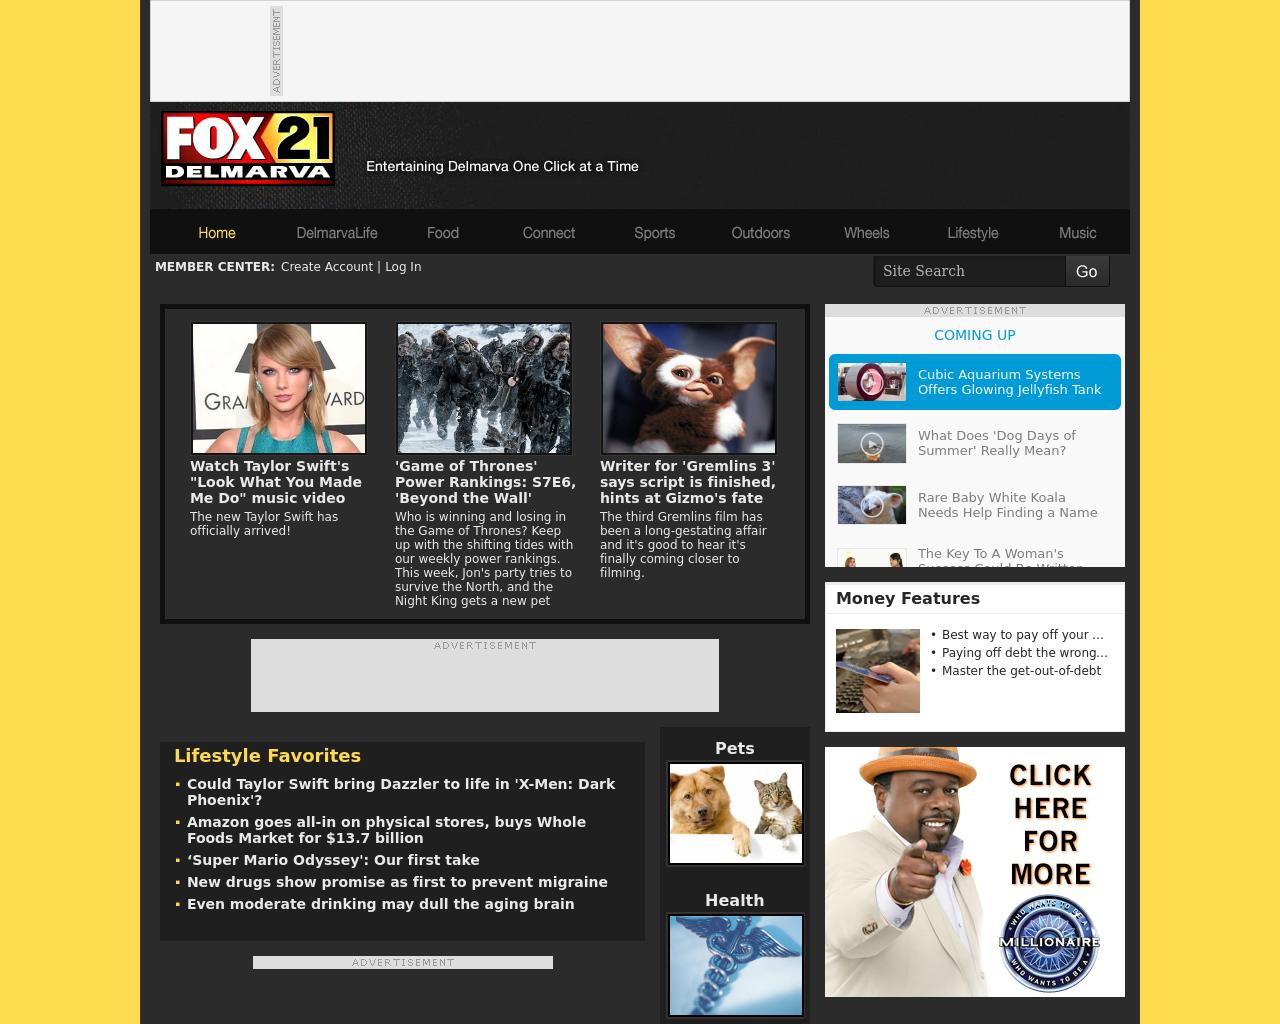 Fox21-Delmarva-Advertising-Reviews-Pricing